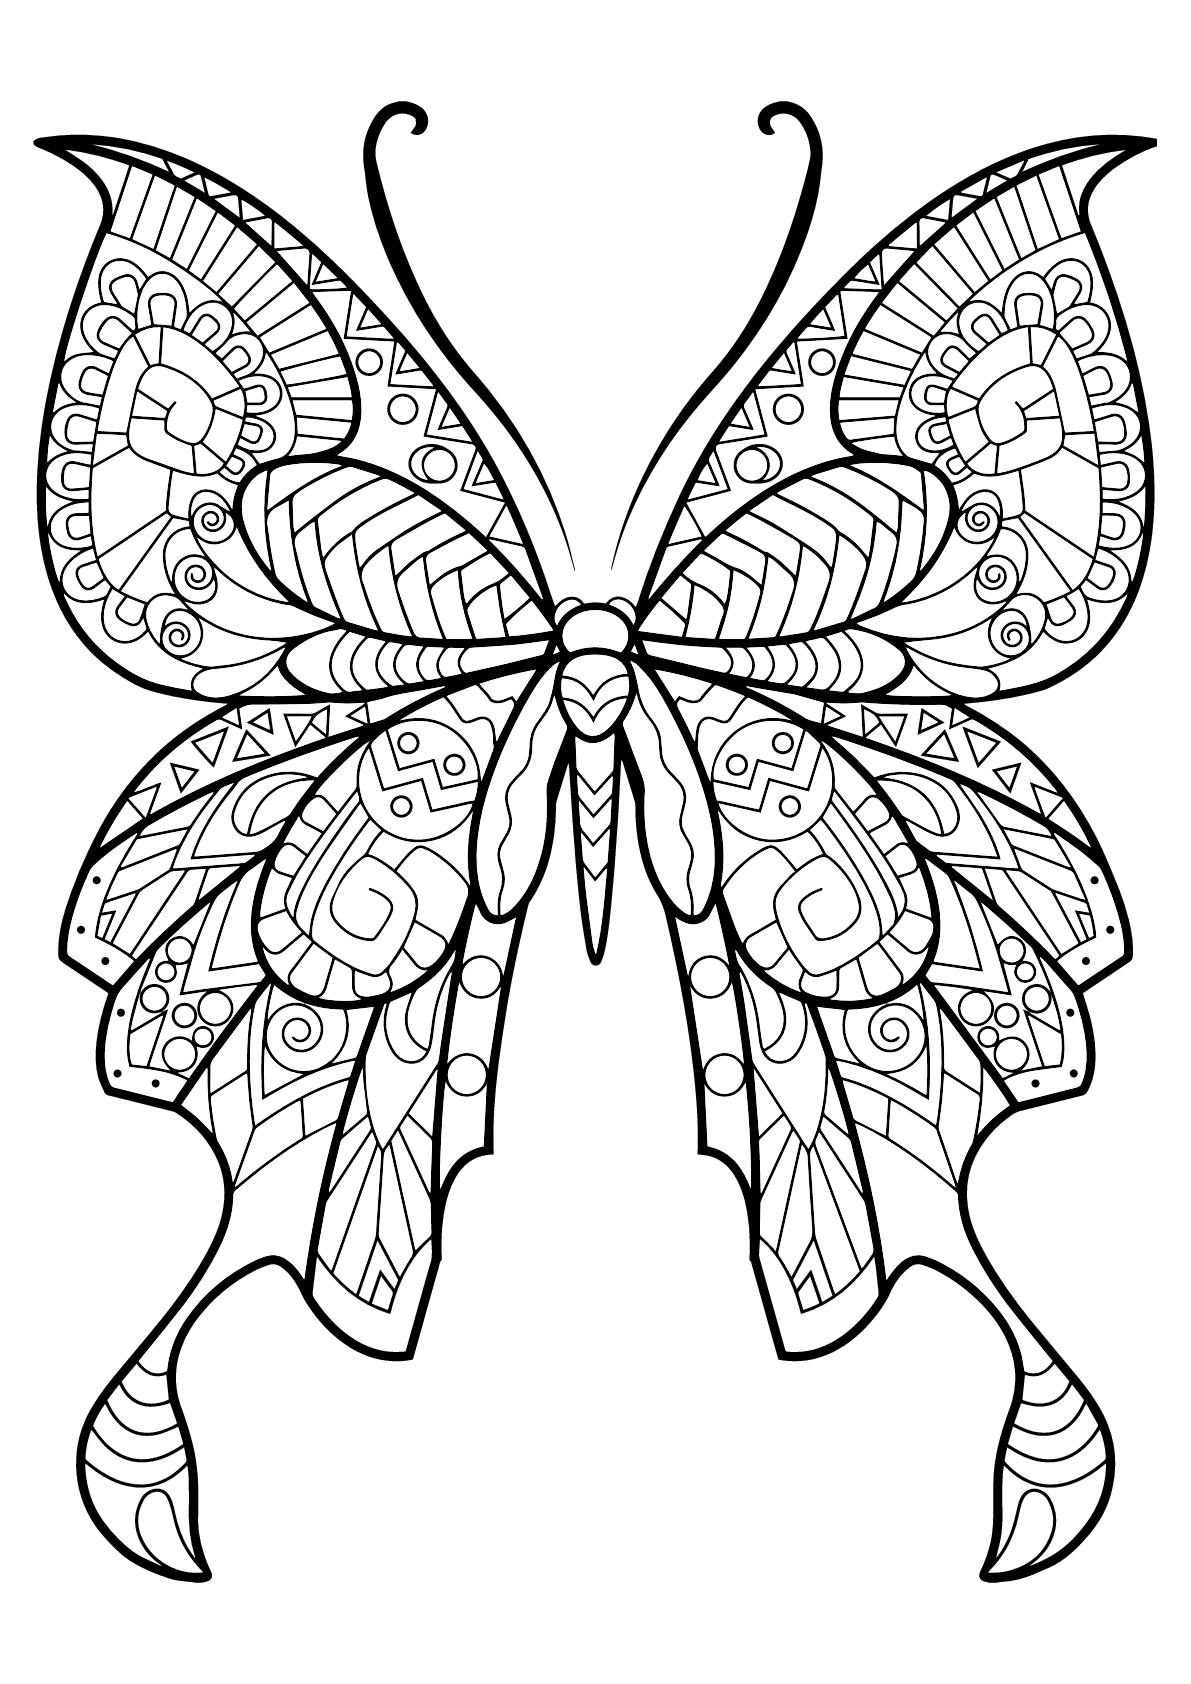 Colorear para adultos  : Insectos - 9